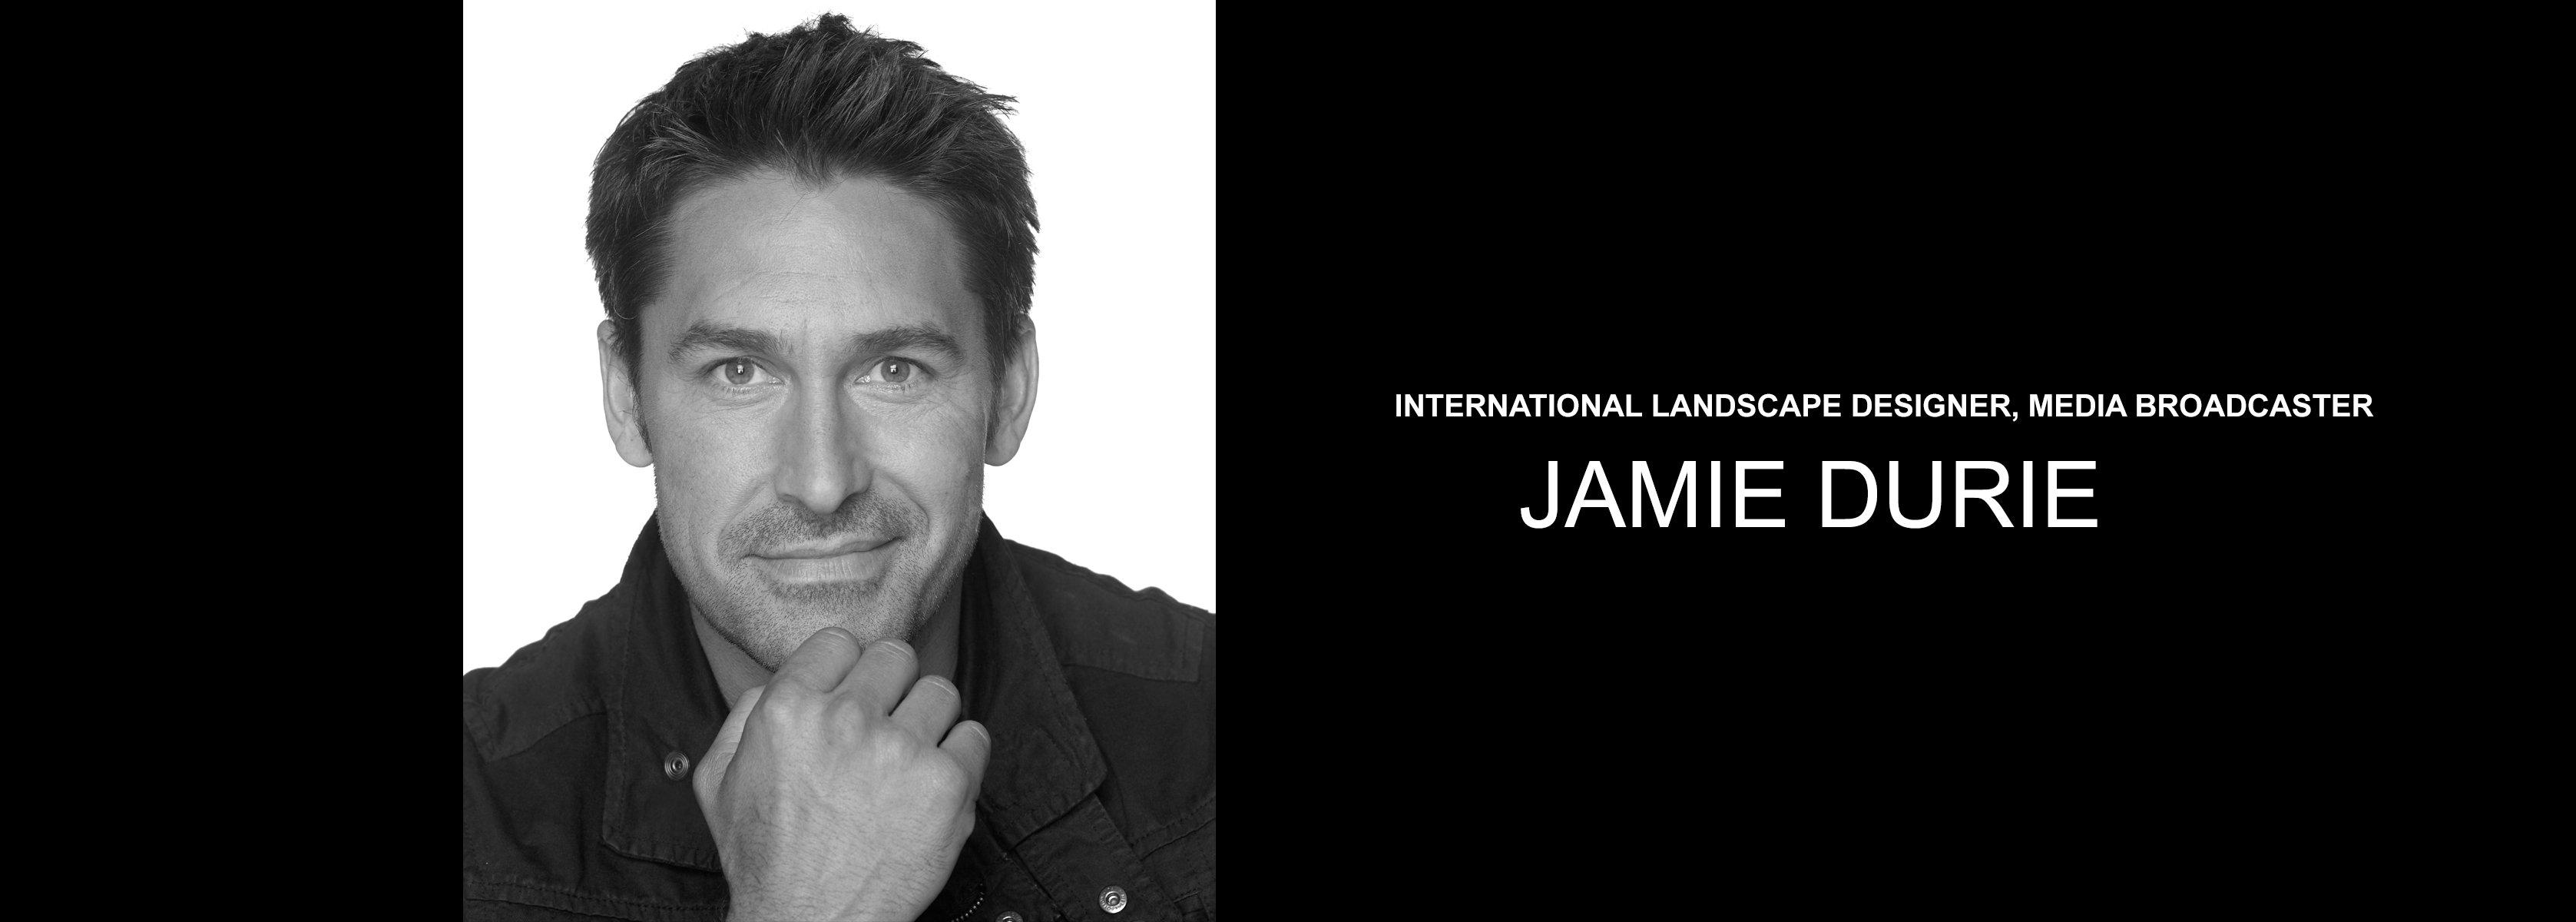 Jamie Durie - International Landscape Designer, Media Broadcaster - Bravo Talent Management